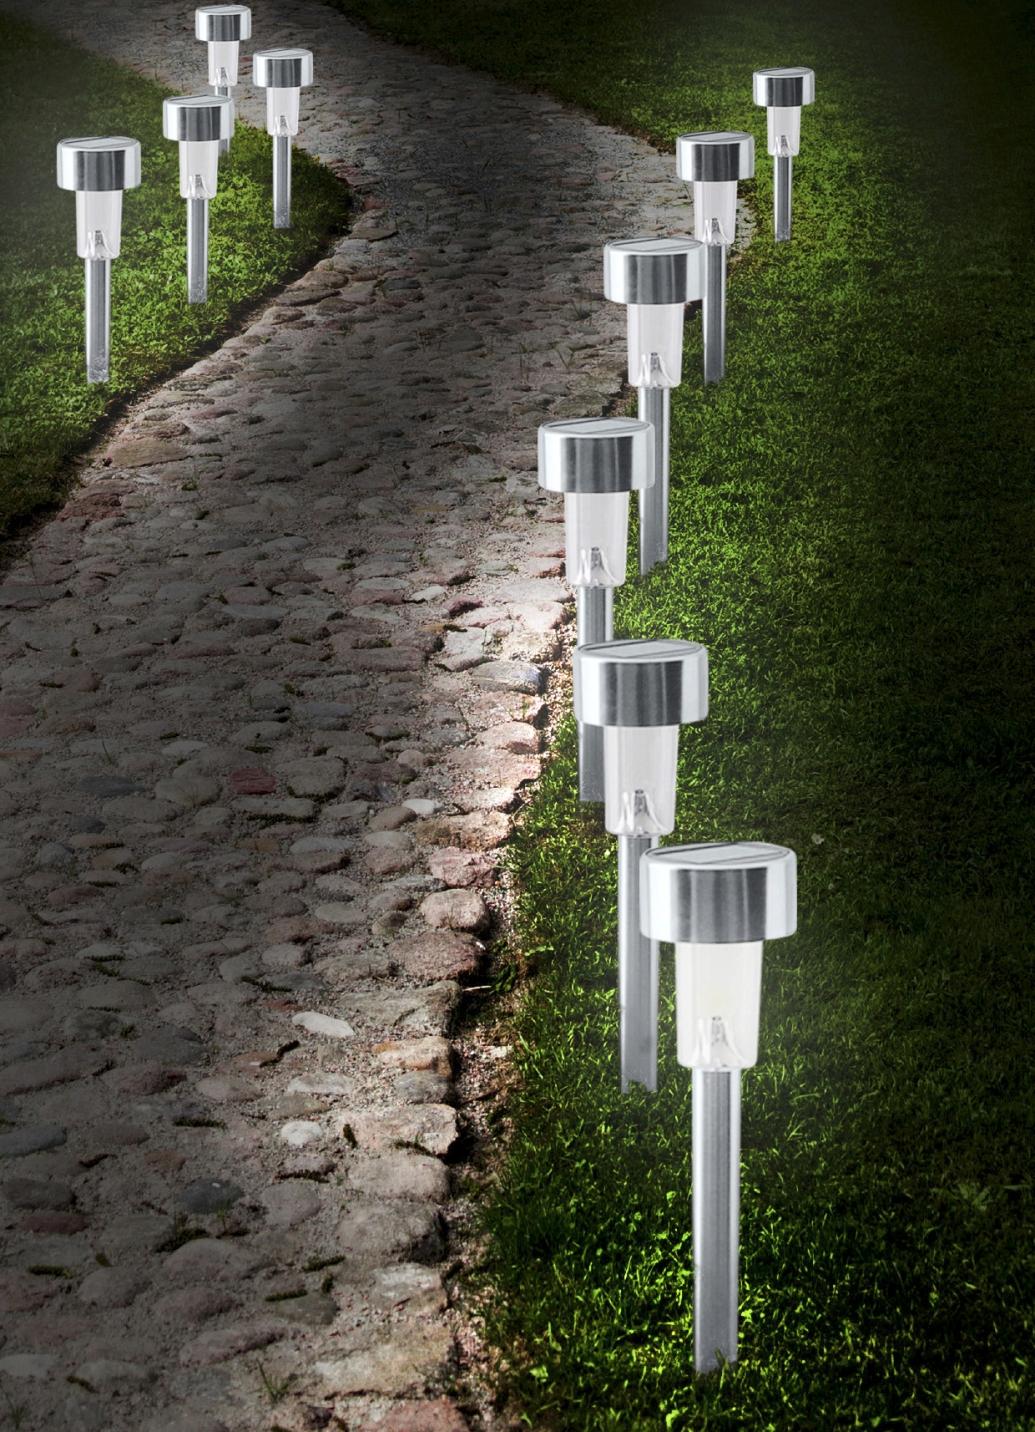 solar steckleuchten 10er set gartenbeleuchtung brigitte hachenburg. Black Bedroom Furniture Sets. Home Design Ideas